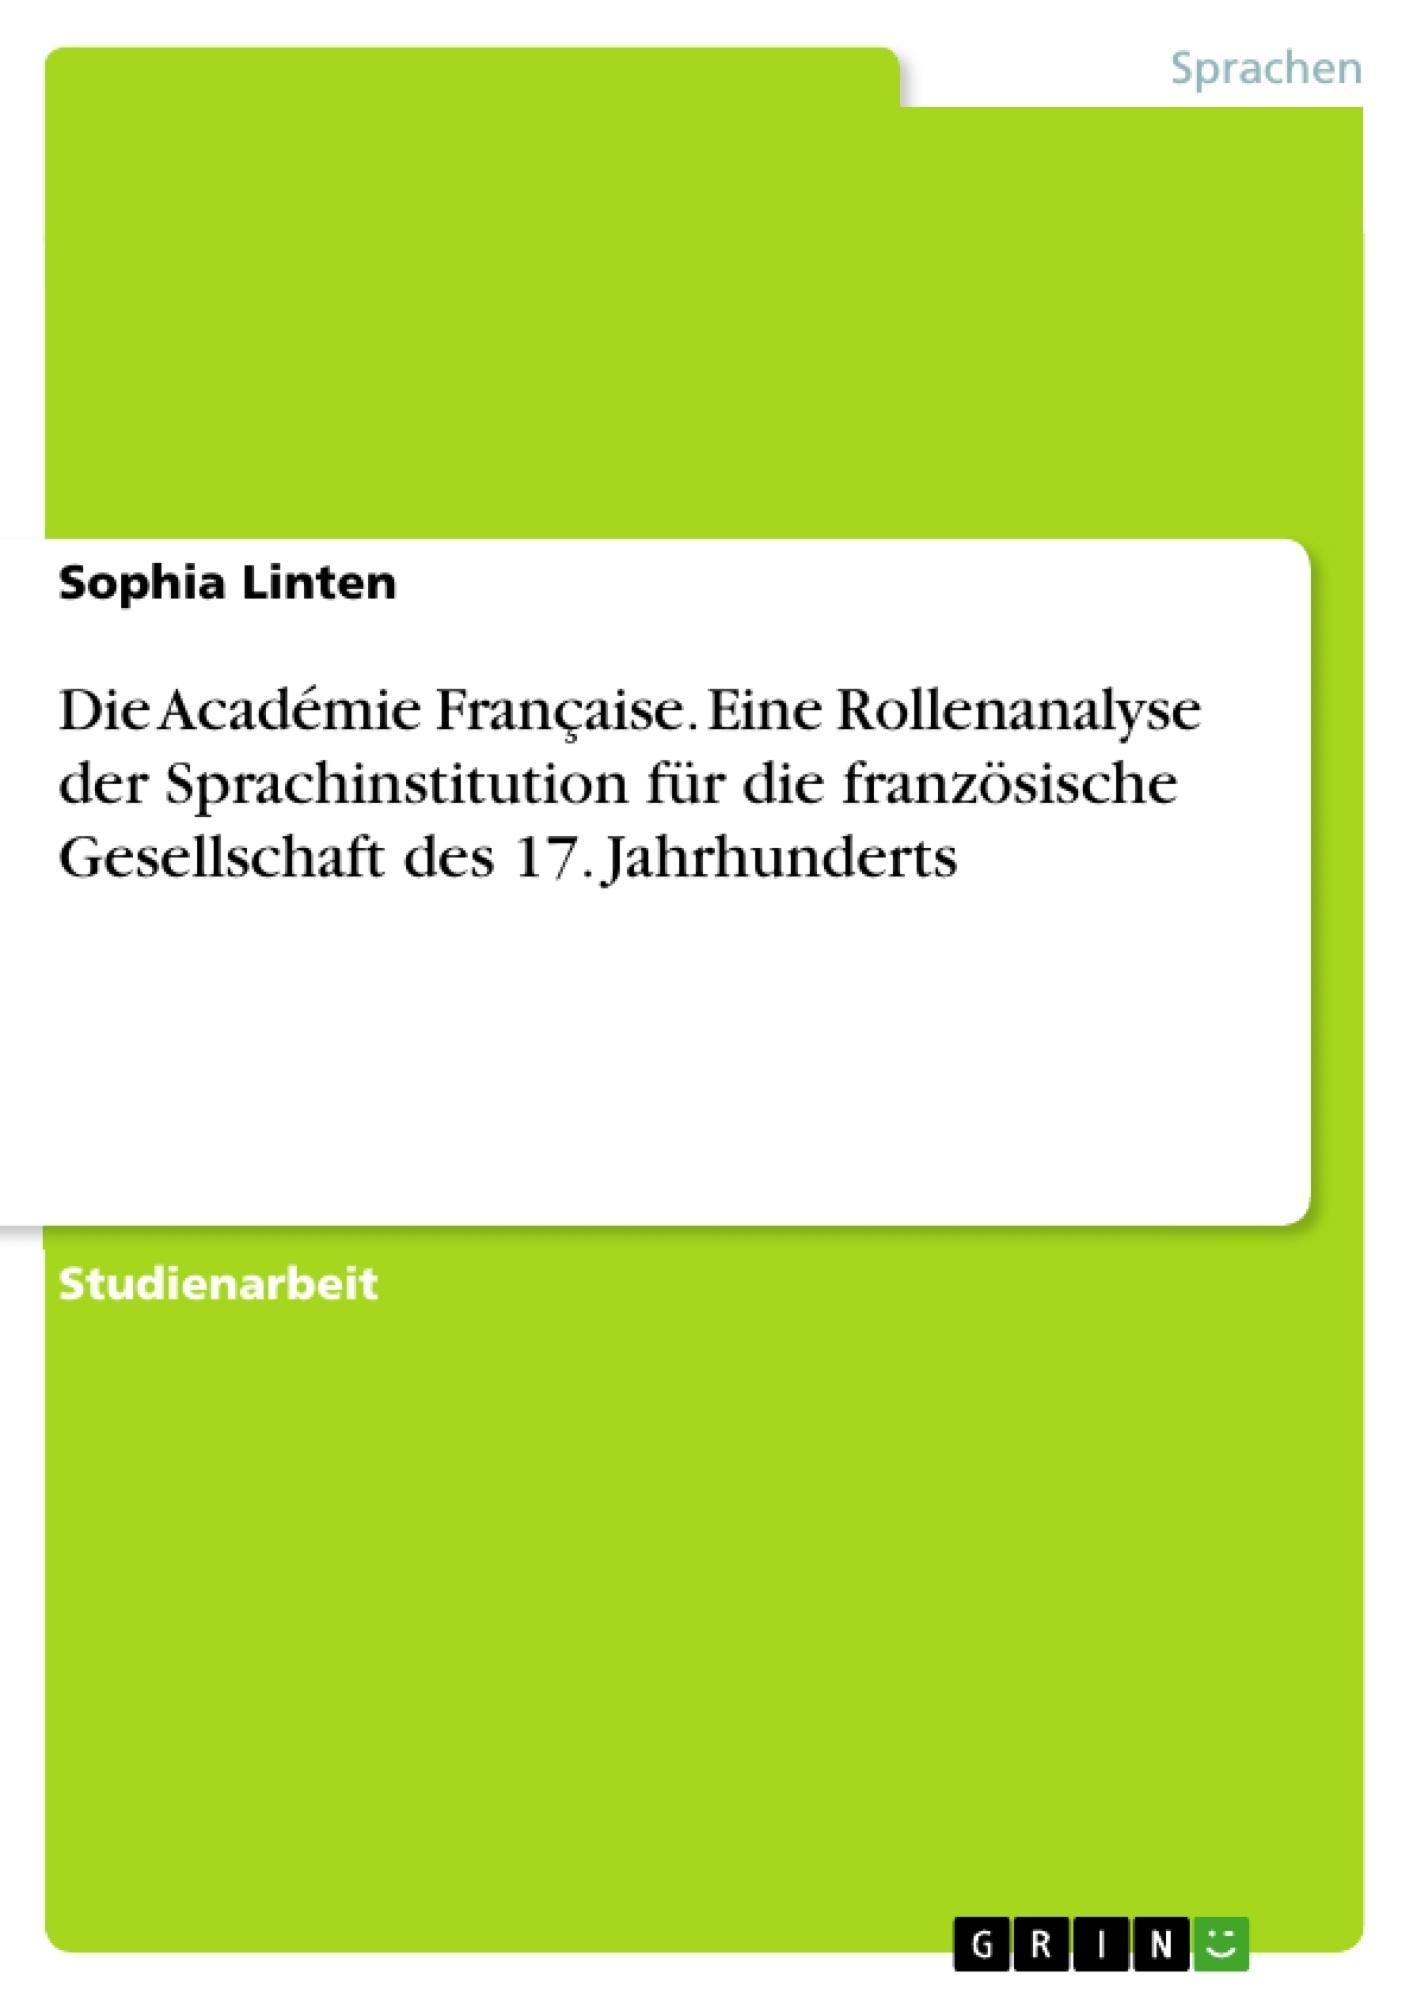 Titel: Die Académie Française. Eine Rollenanalyse der Sprachinstitution für die französische Gesellschaft des  17. Jahrhunderts